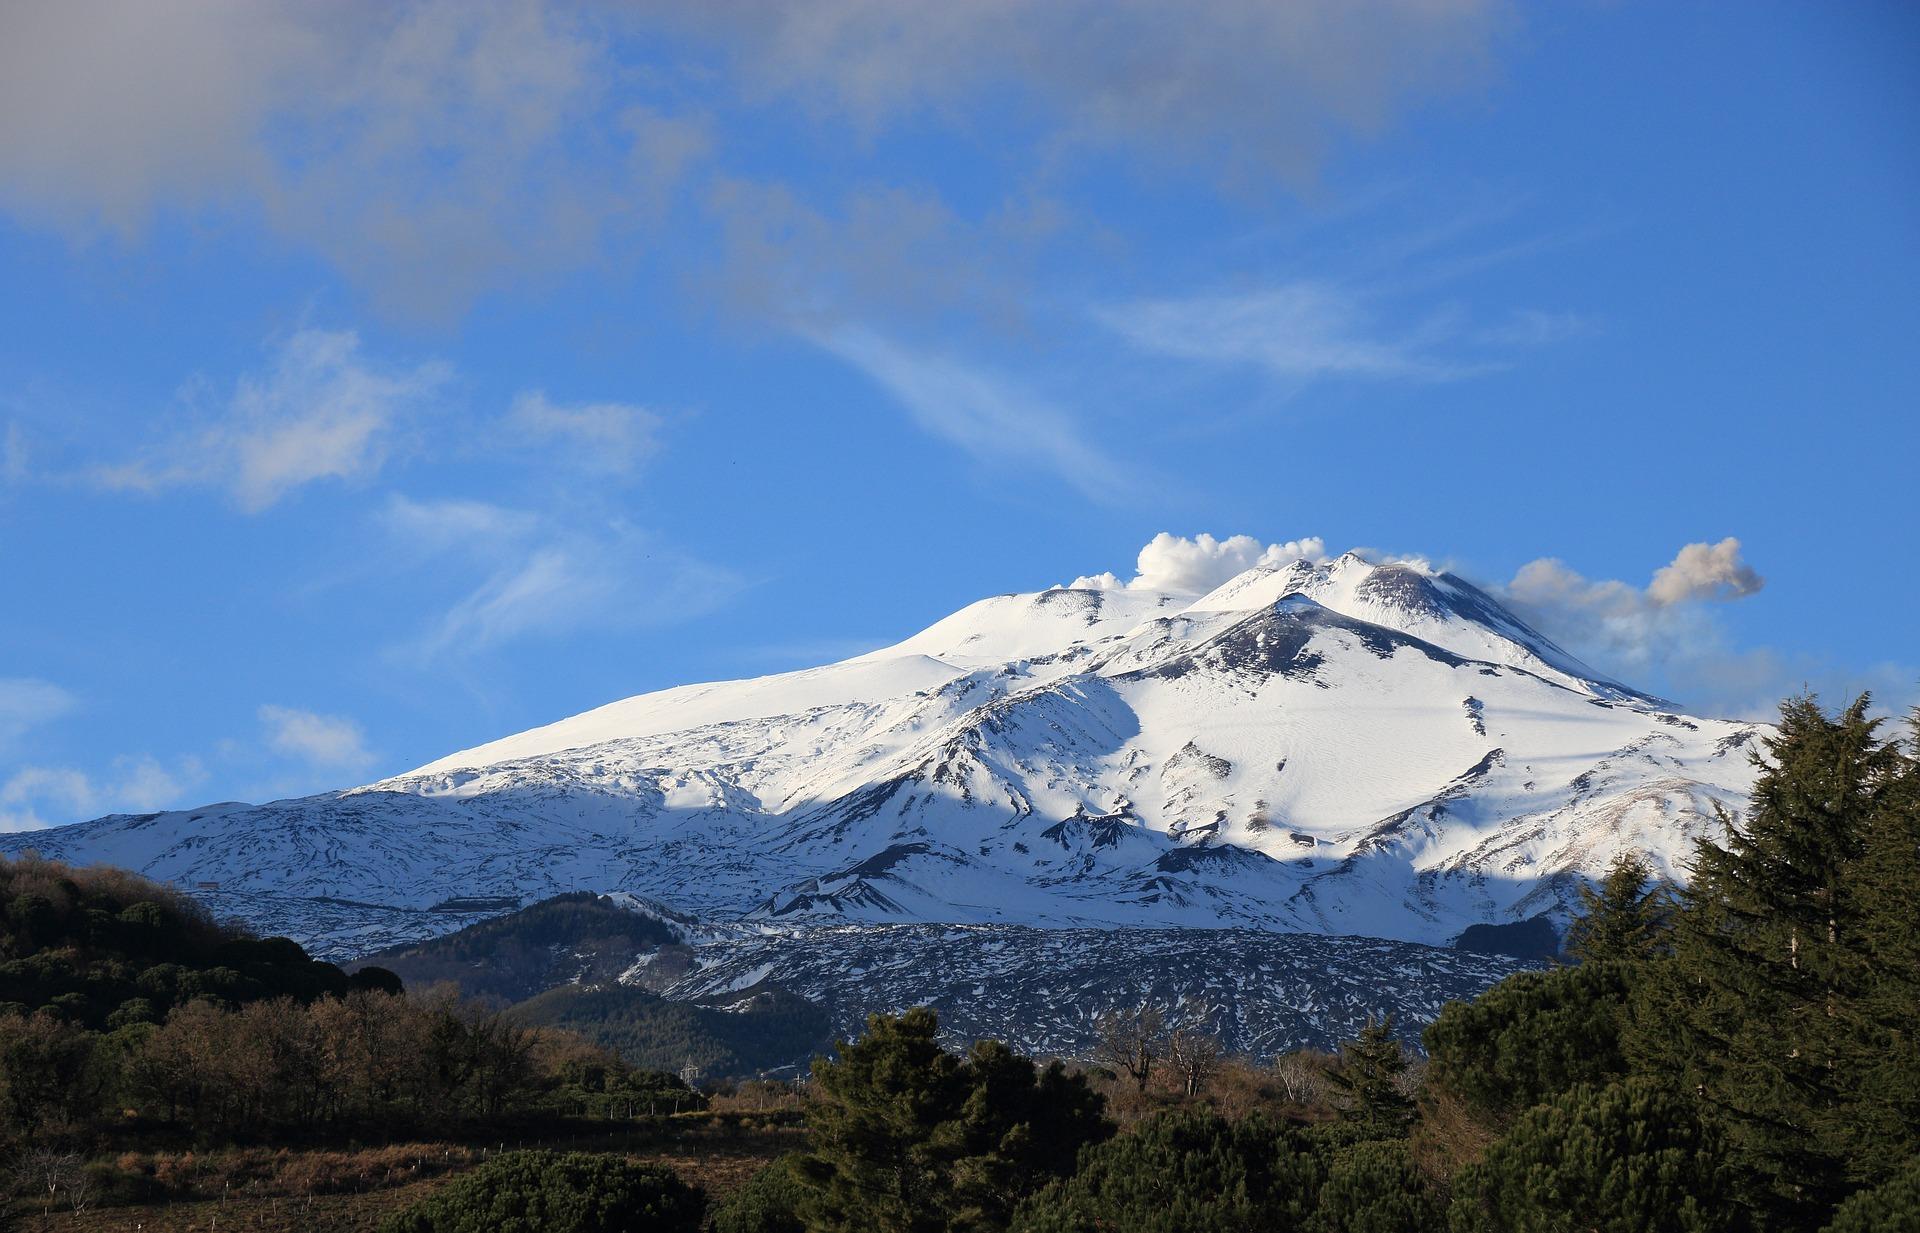 Il vulcano Etna è il luogo migliore dove praticare sport invernali in Sicilia